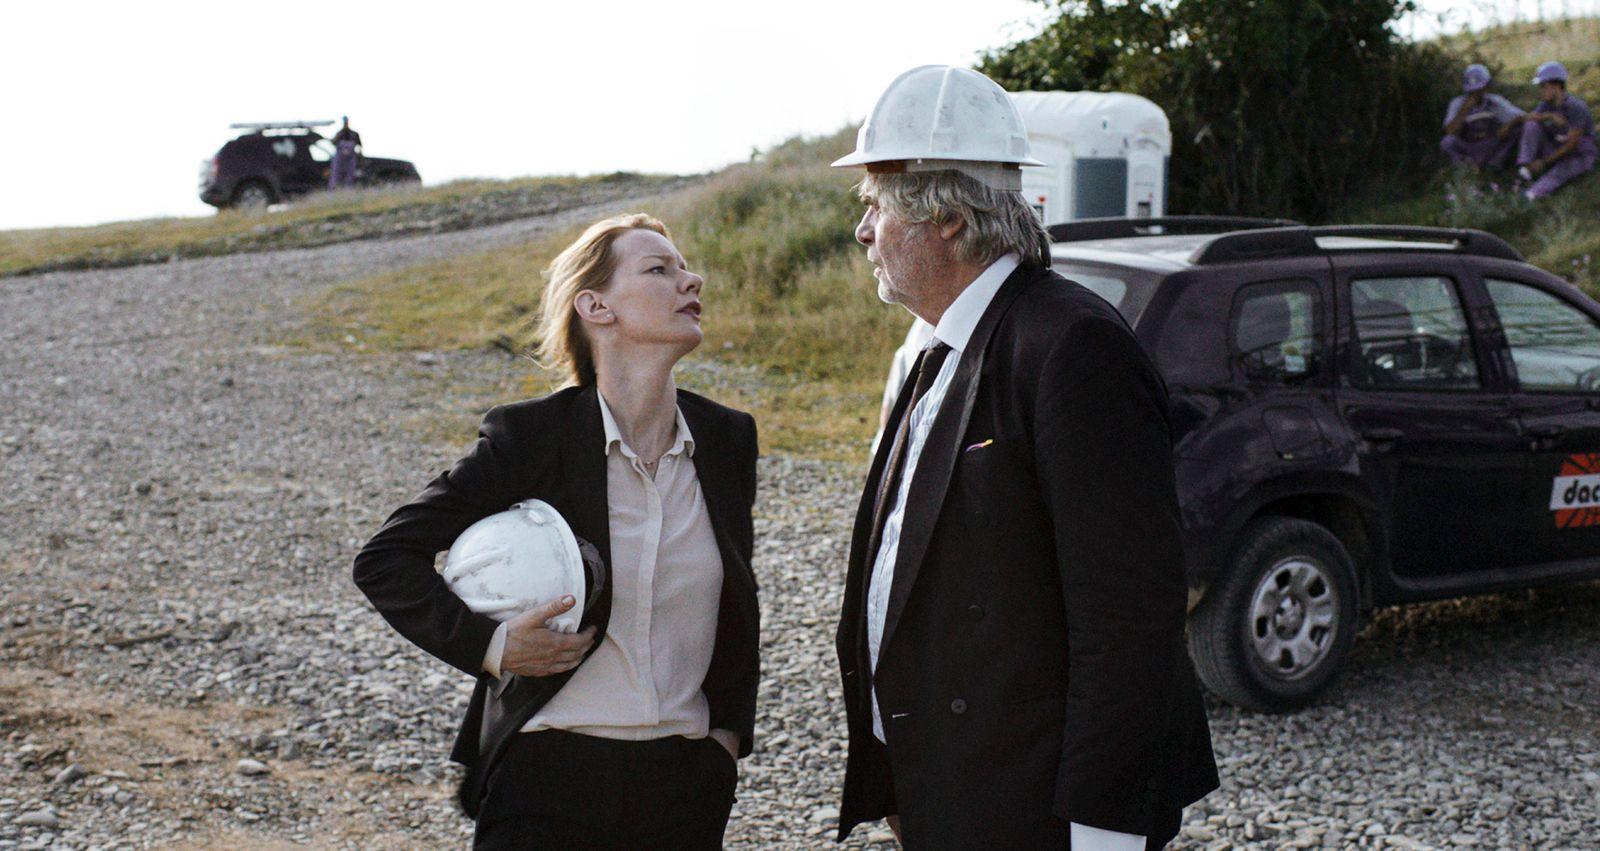 Komplizen Film DR TONI ERDMANN de Maren Ade 2016 ALL AUT avec Sandra Huller et Peter Simonische